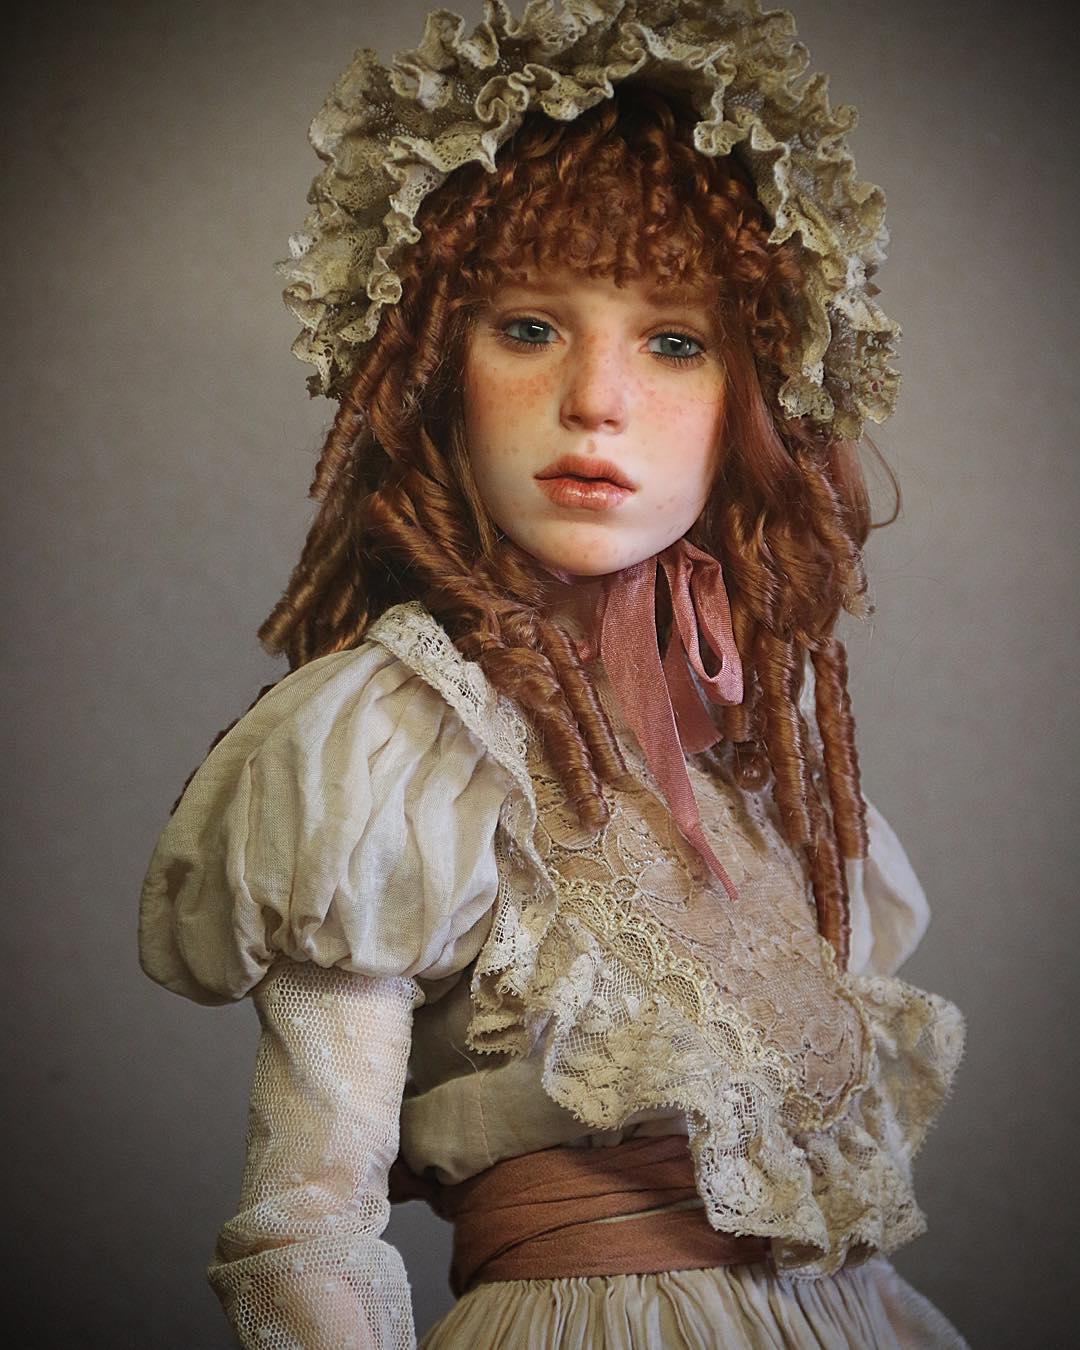 Як виглядають ляльки, яких можна сплутати з людьми - фото 4